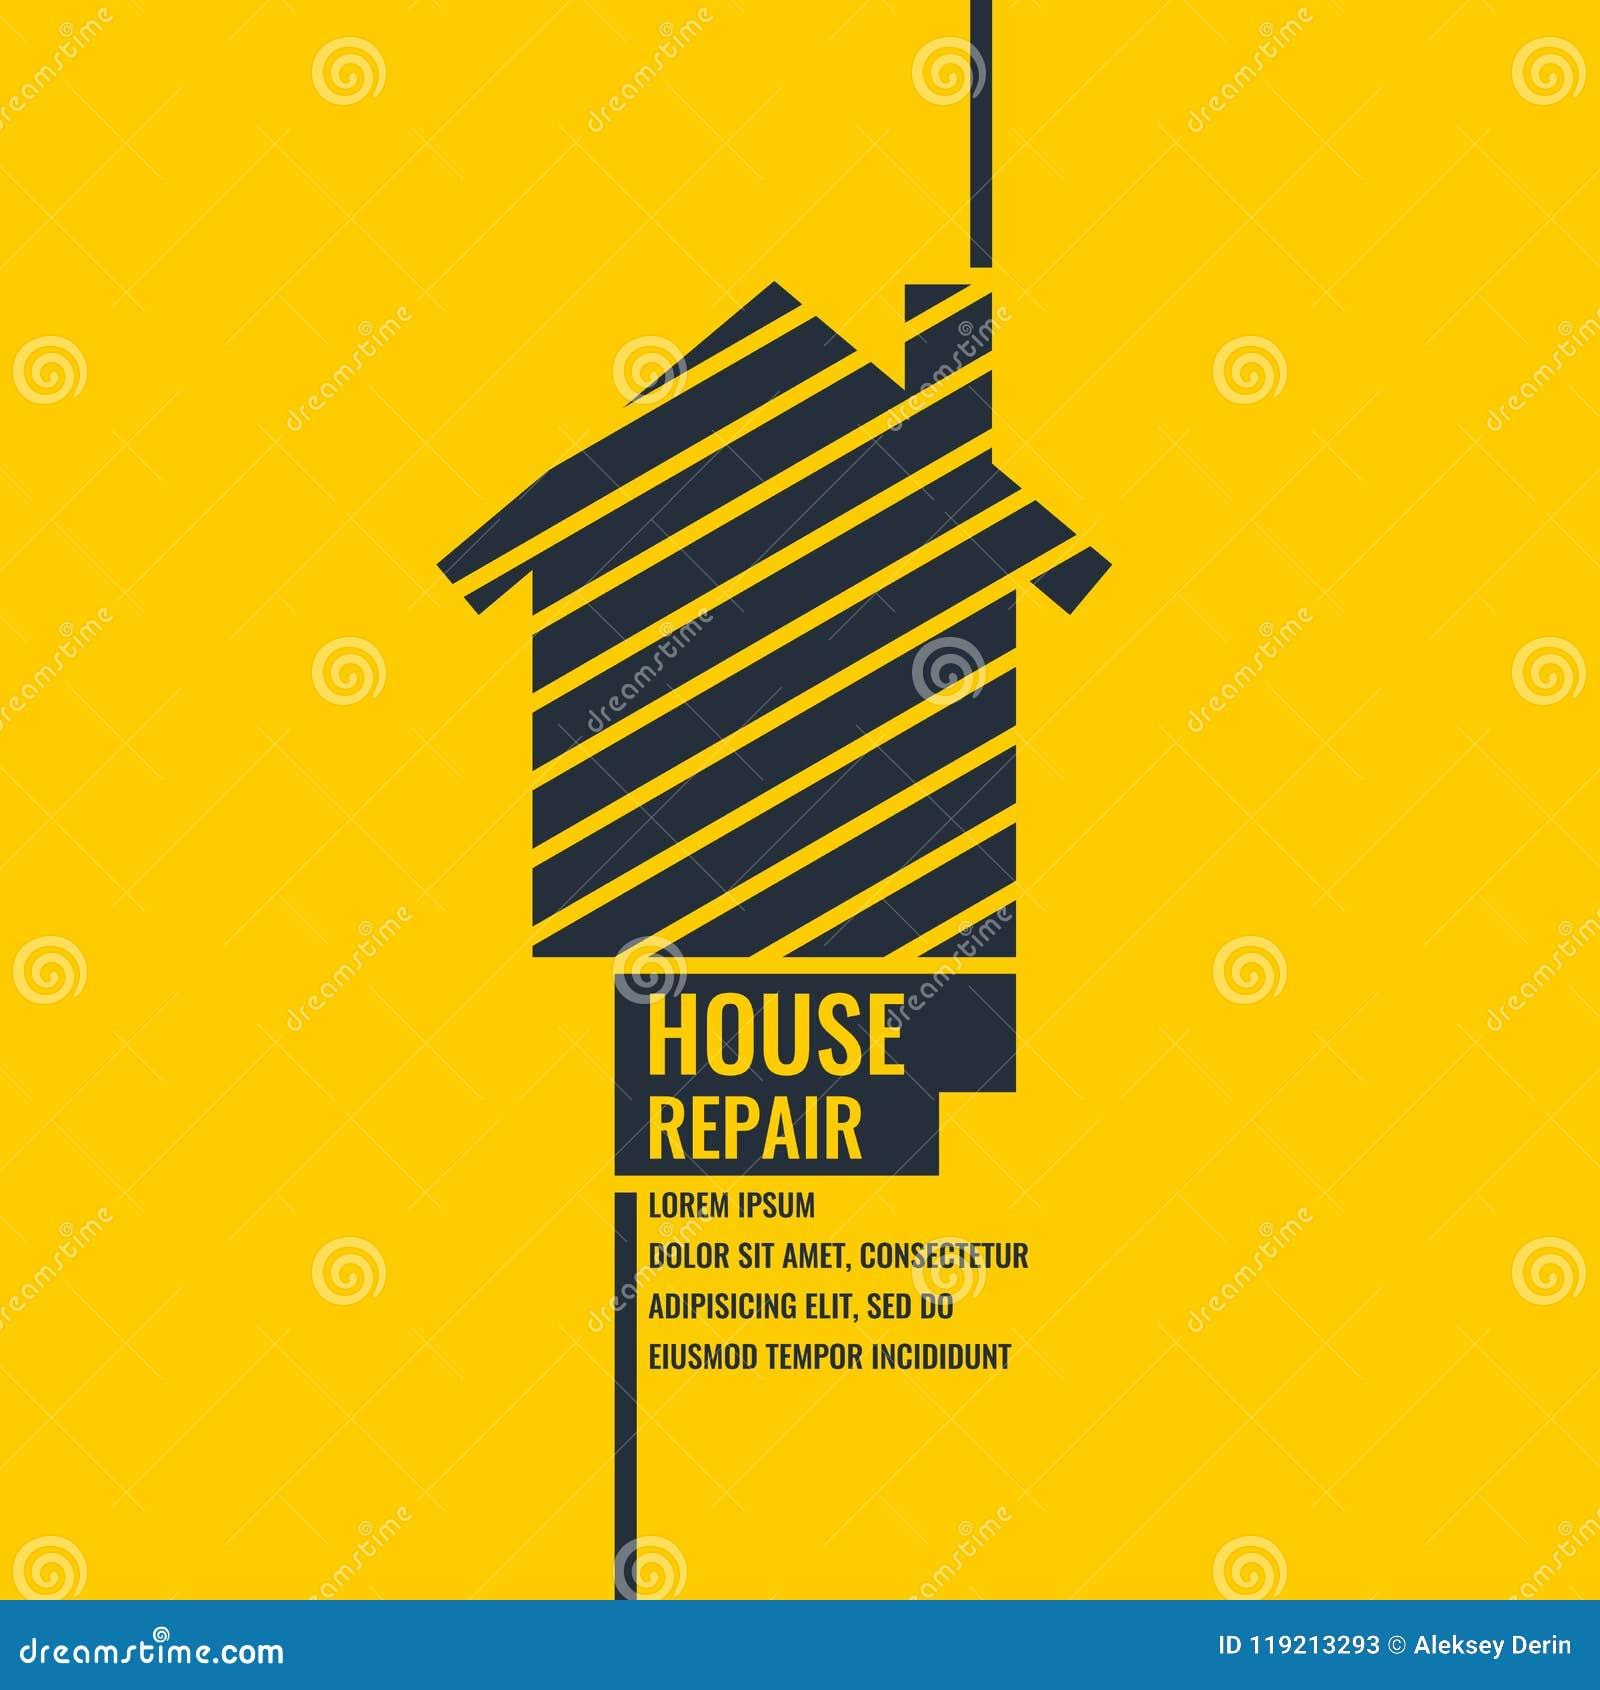 Huisreparatie De oorspronkelijke affiche in een vlakke stijl